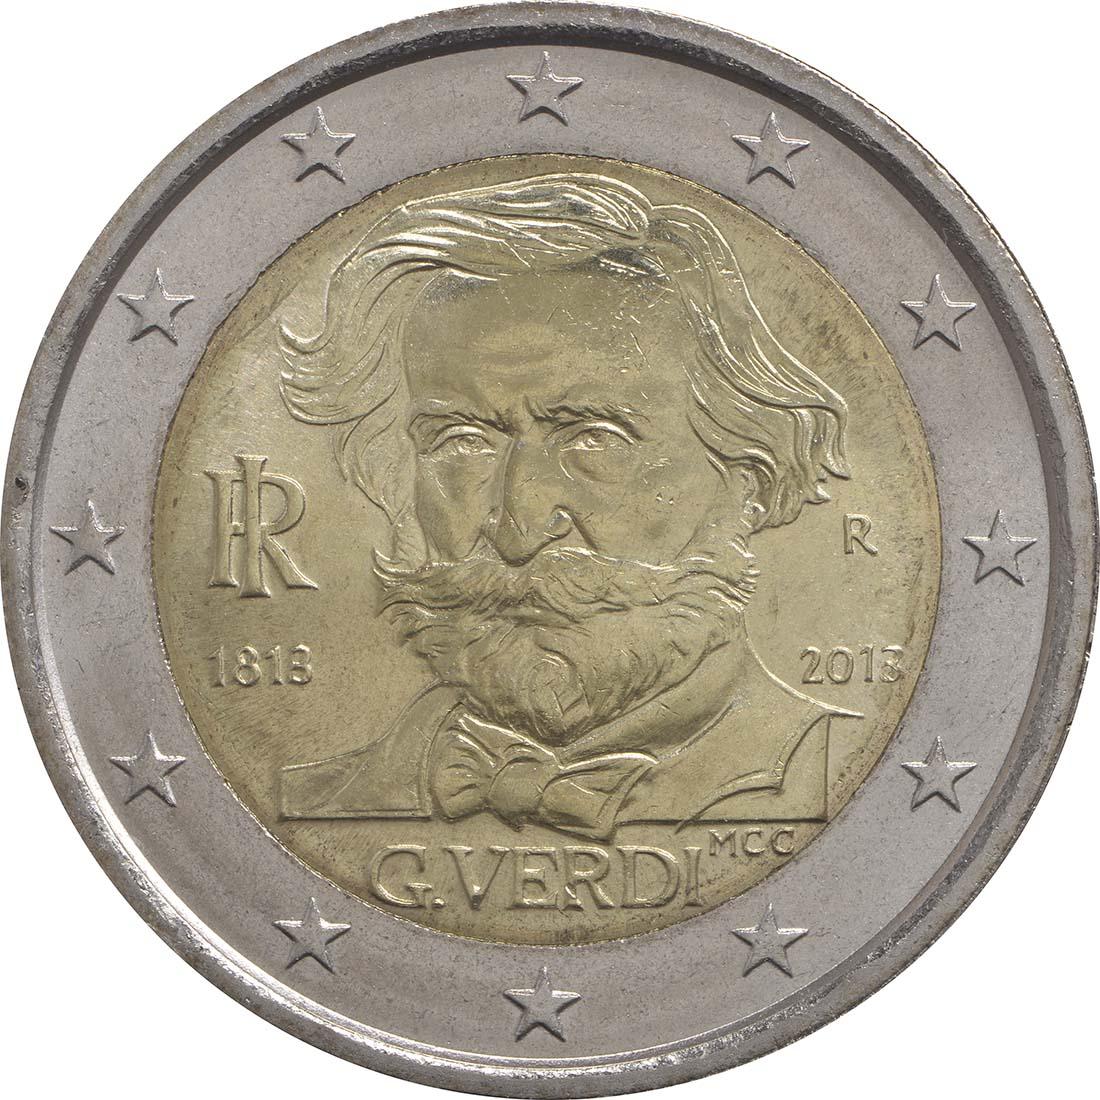 Verdi Euro